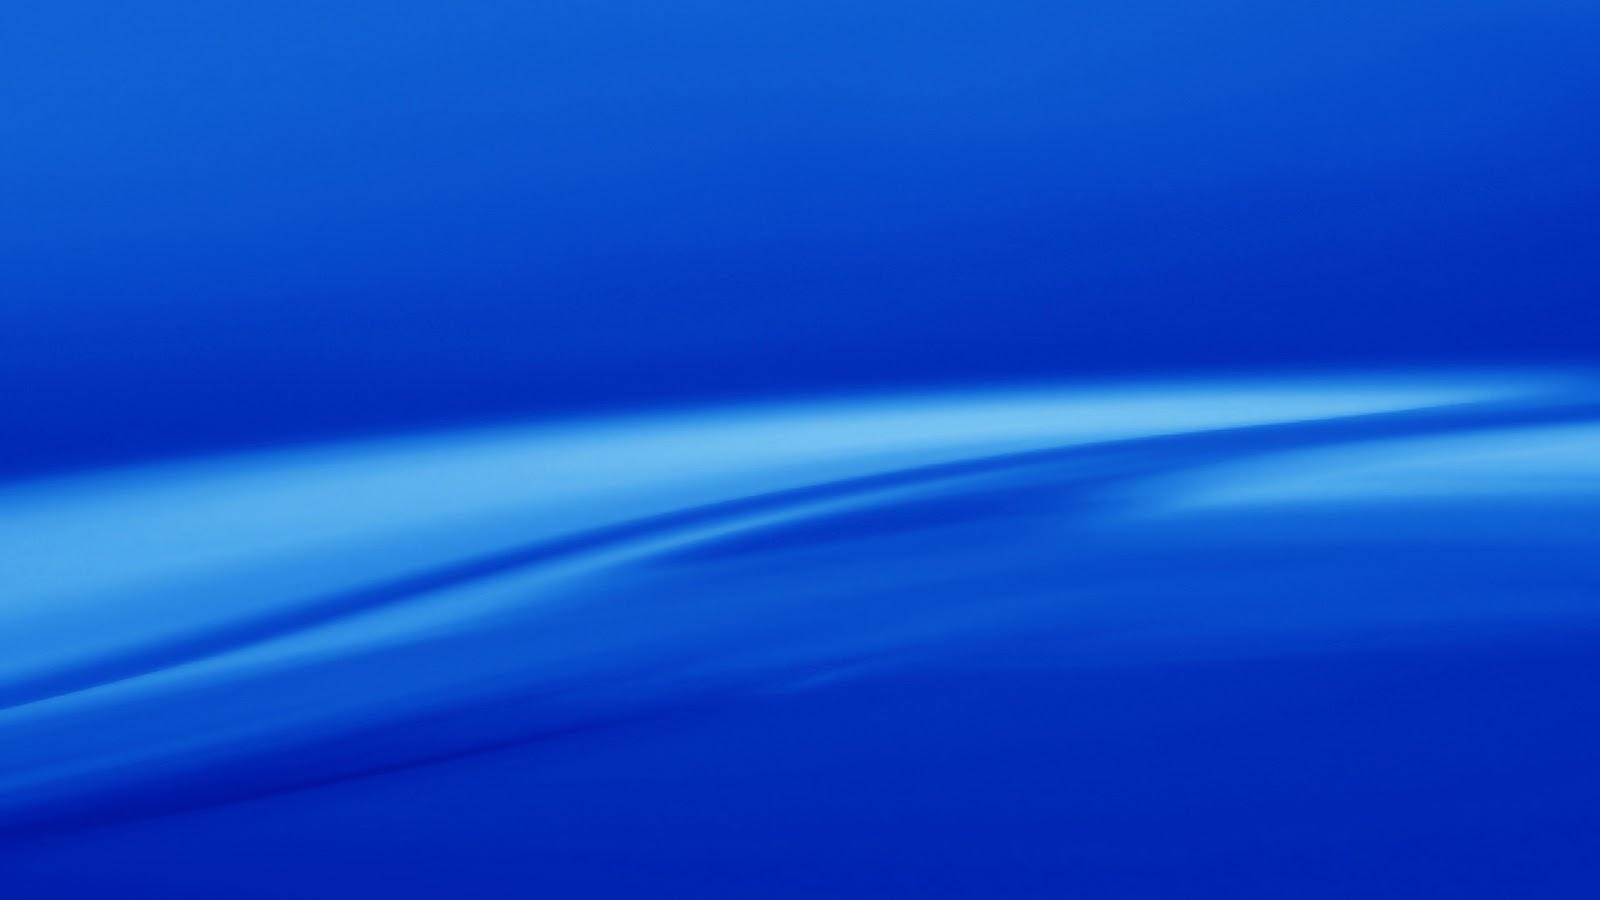 http://4.bp.blogspot.com/-foqgDr-vVvQ/URKwyFf6qjI/AAAAAAAAI84/NlfbN1Gb4FE/s1600/20+Renkli+Full+HD+Resim+%282%29.jpg